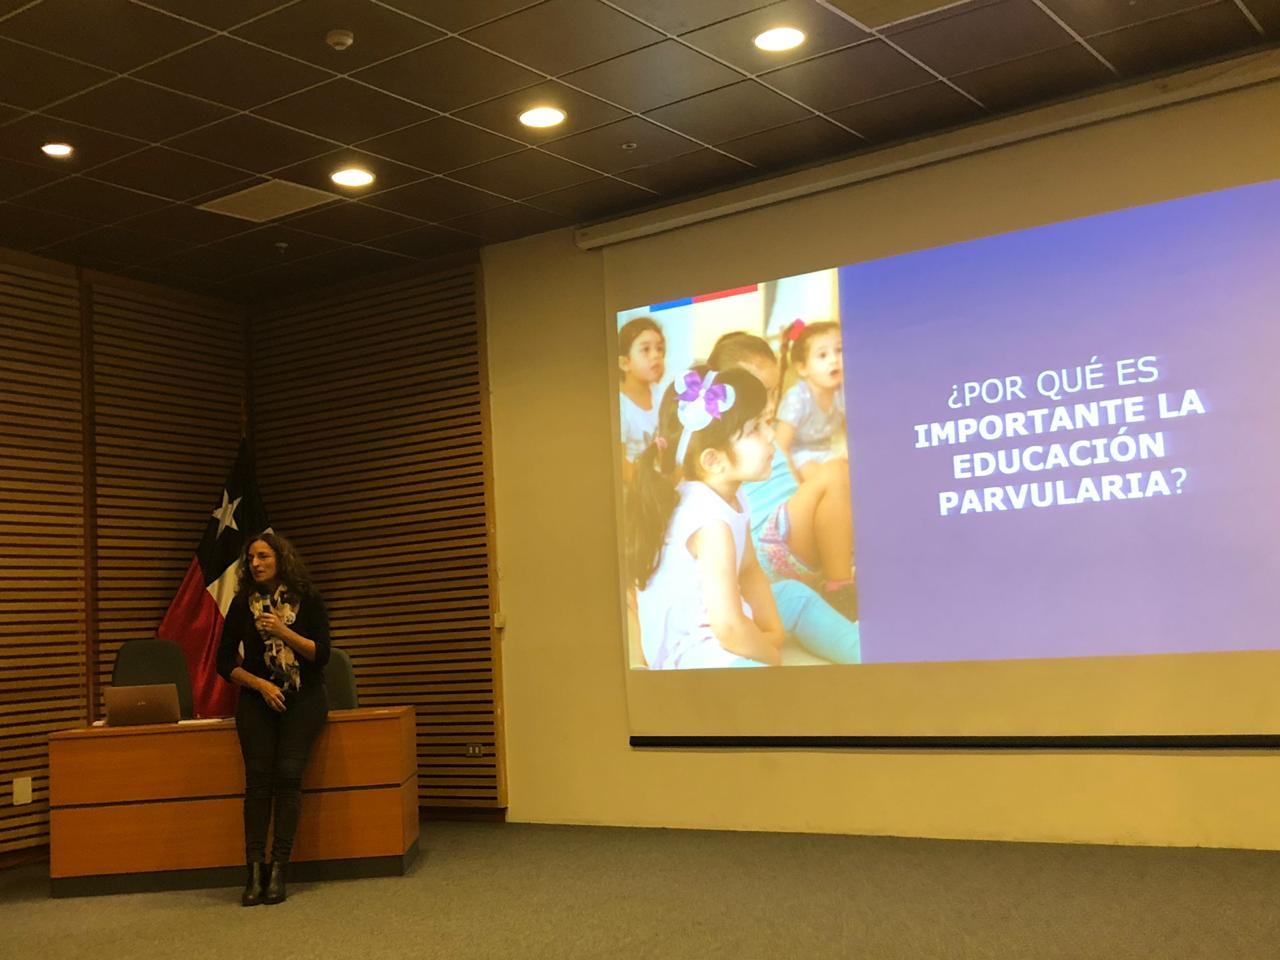 Subsecretaria de Educación Parvularia lidera lanzamiento del programa ALMA en el Biobío